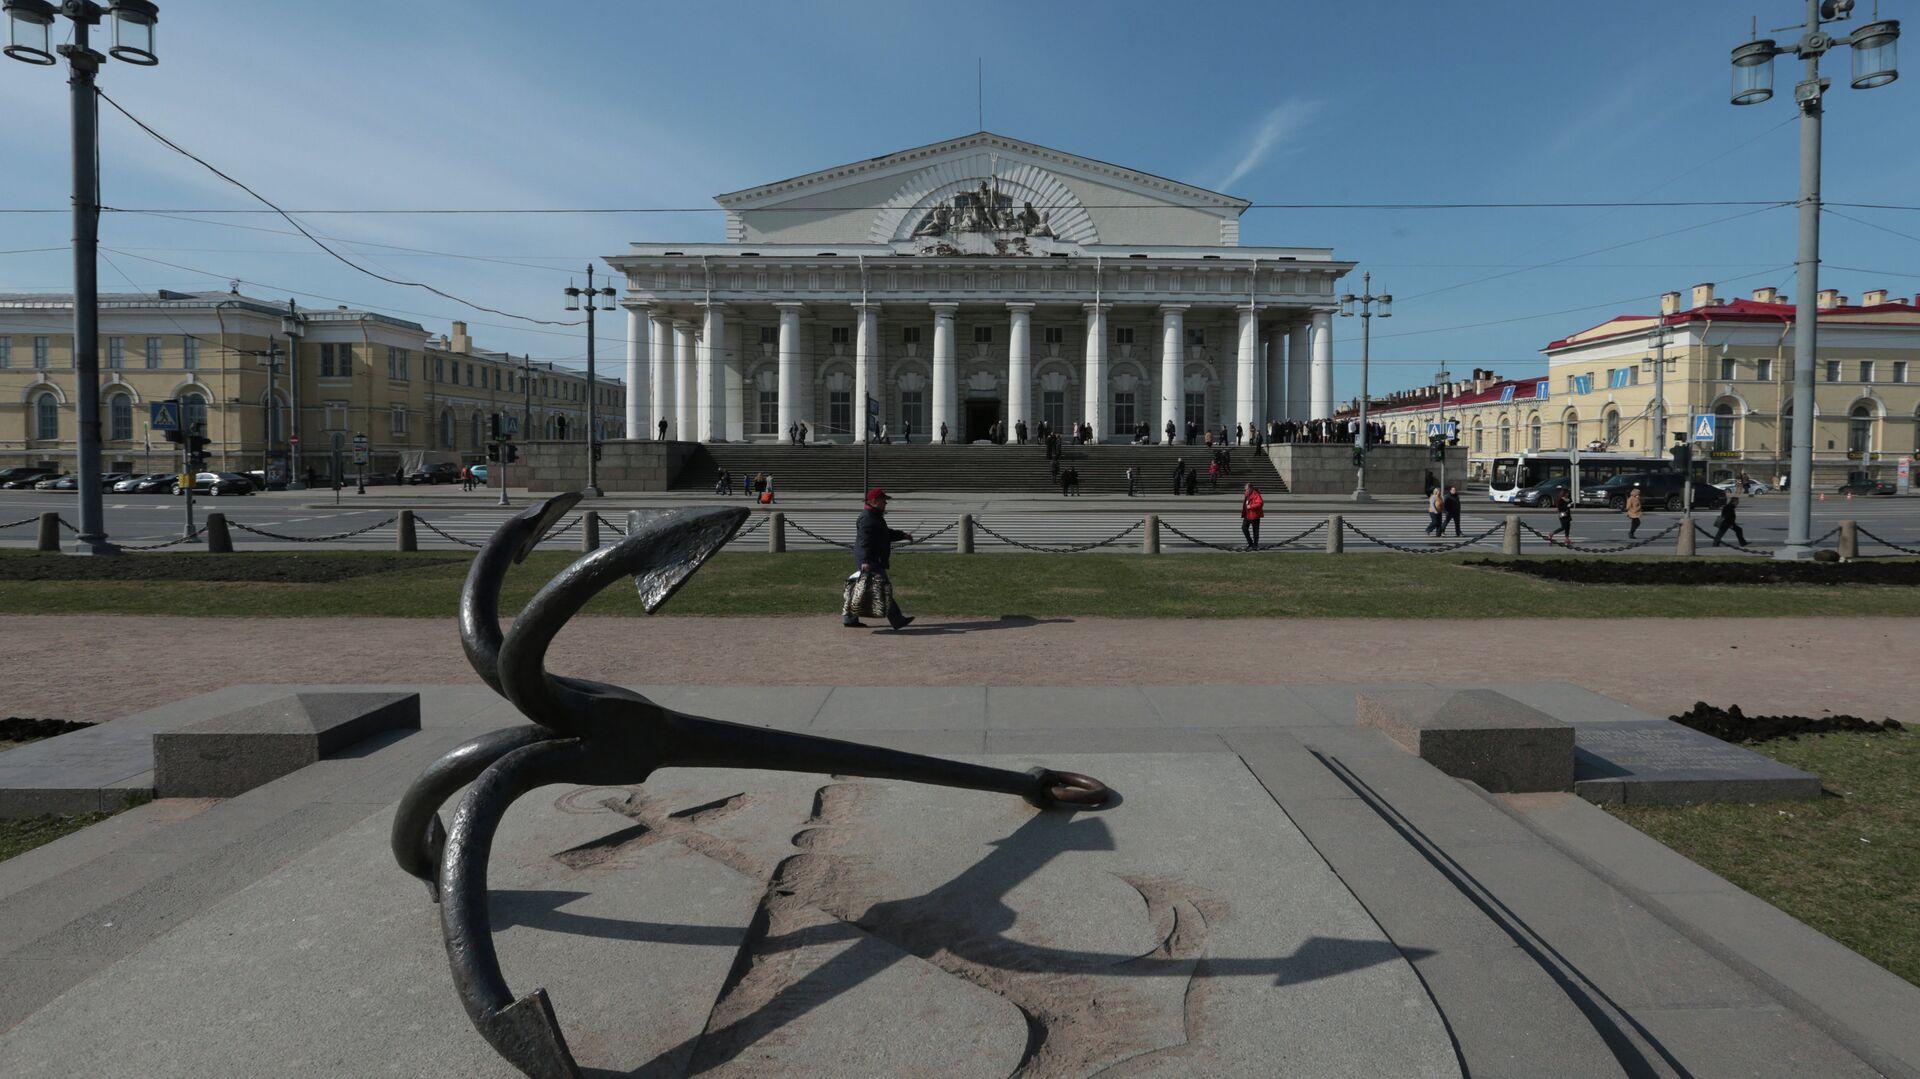 Церемония передачи здания Биржи Государственному Эрмитажу в Санкт-Петербурге - РИА Новости, 1920, 07.04.2021